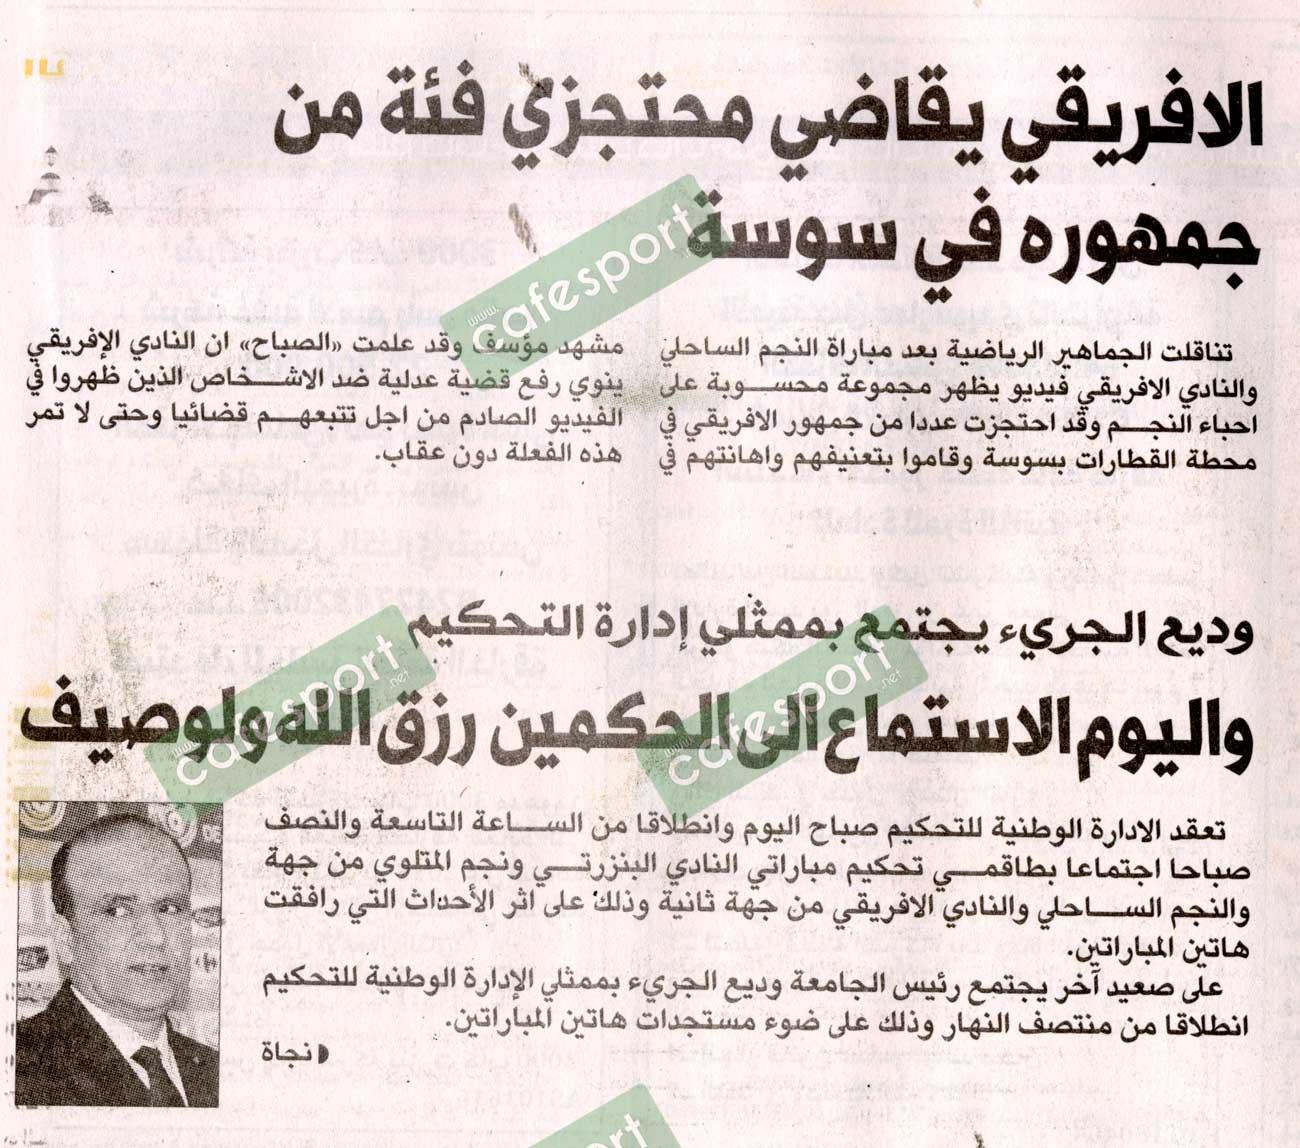 كلام جرايد ليوم الثلاثاء 13 مارس 2018